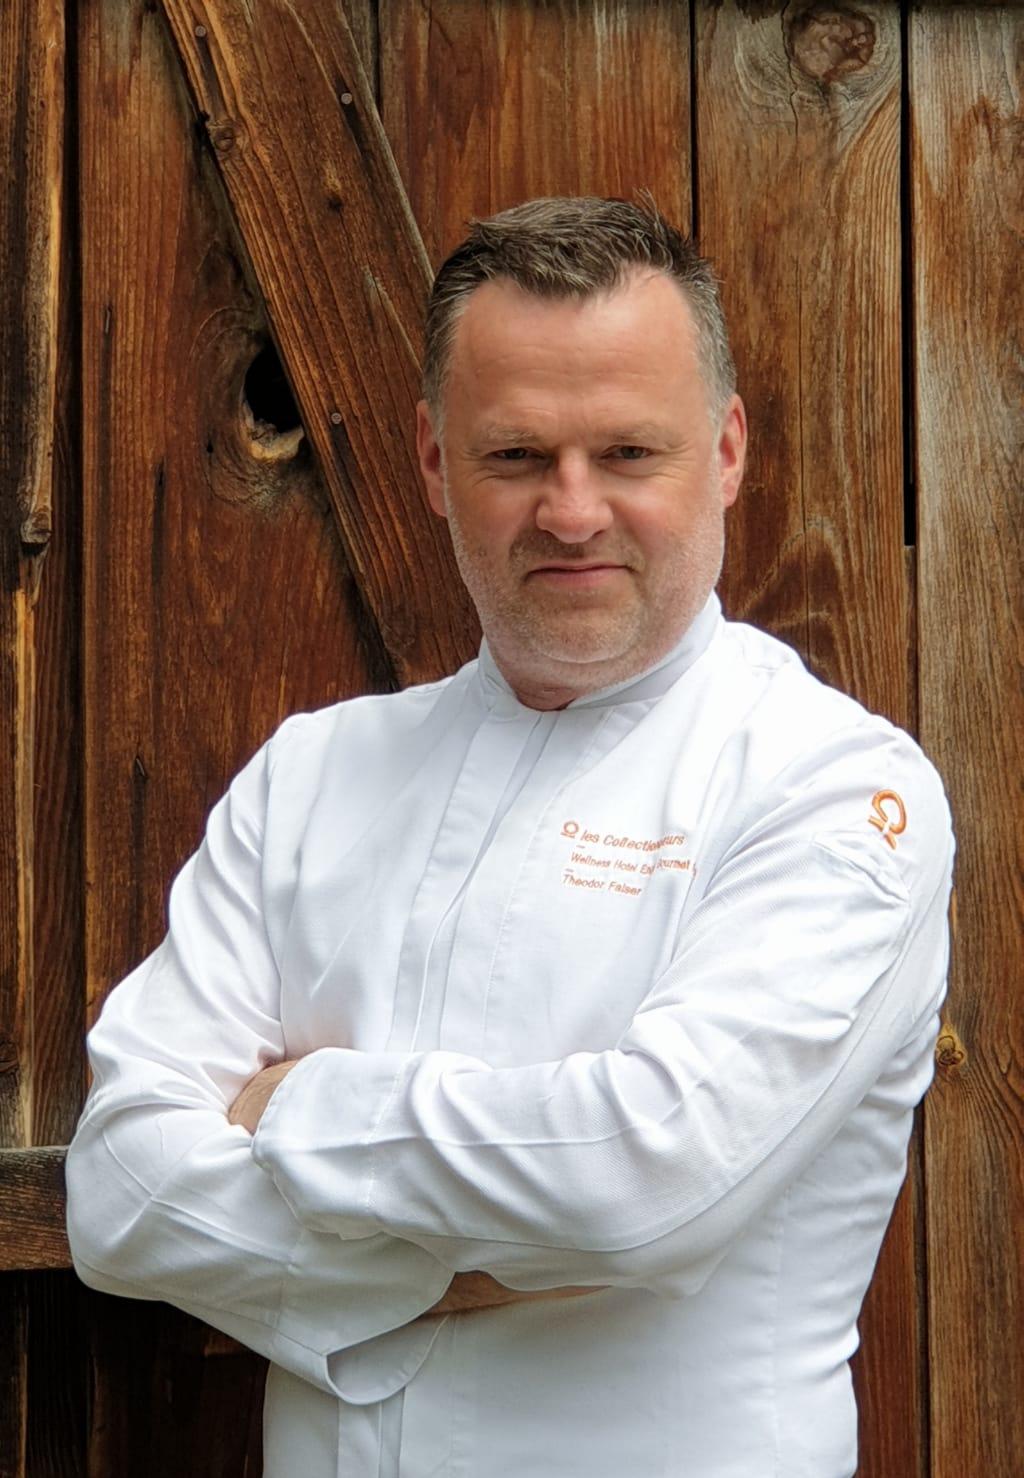 portrait de chef en veste blanche devant une porte en bois